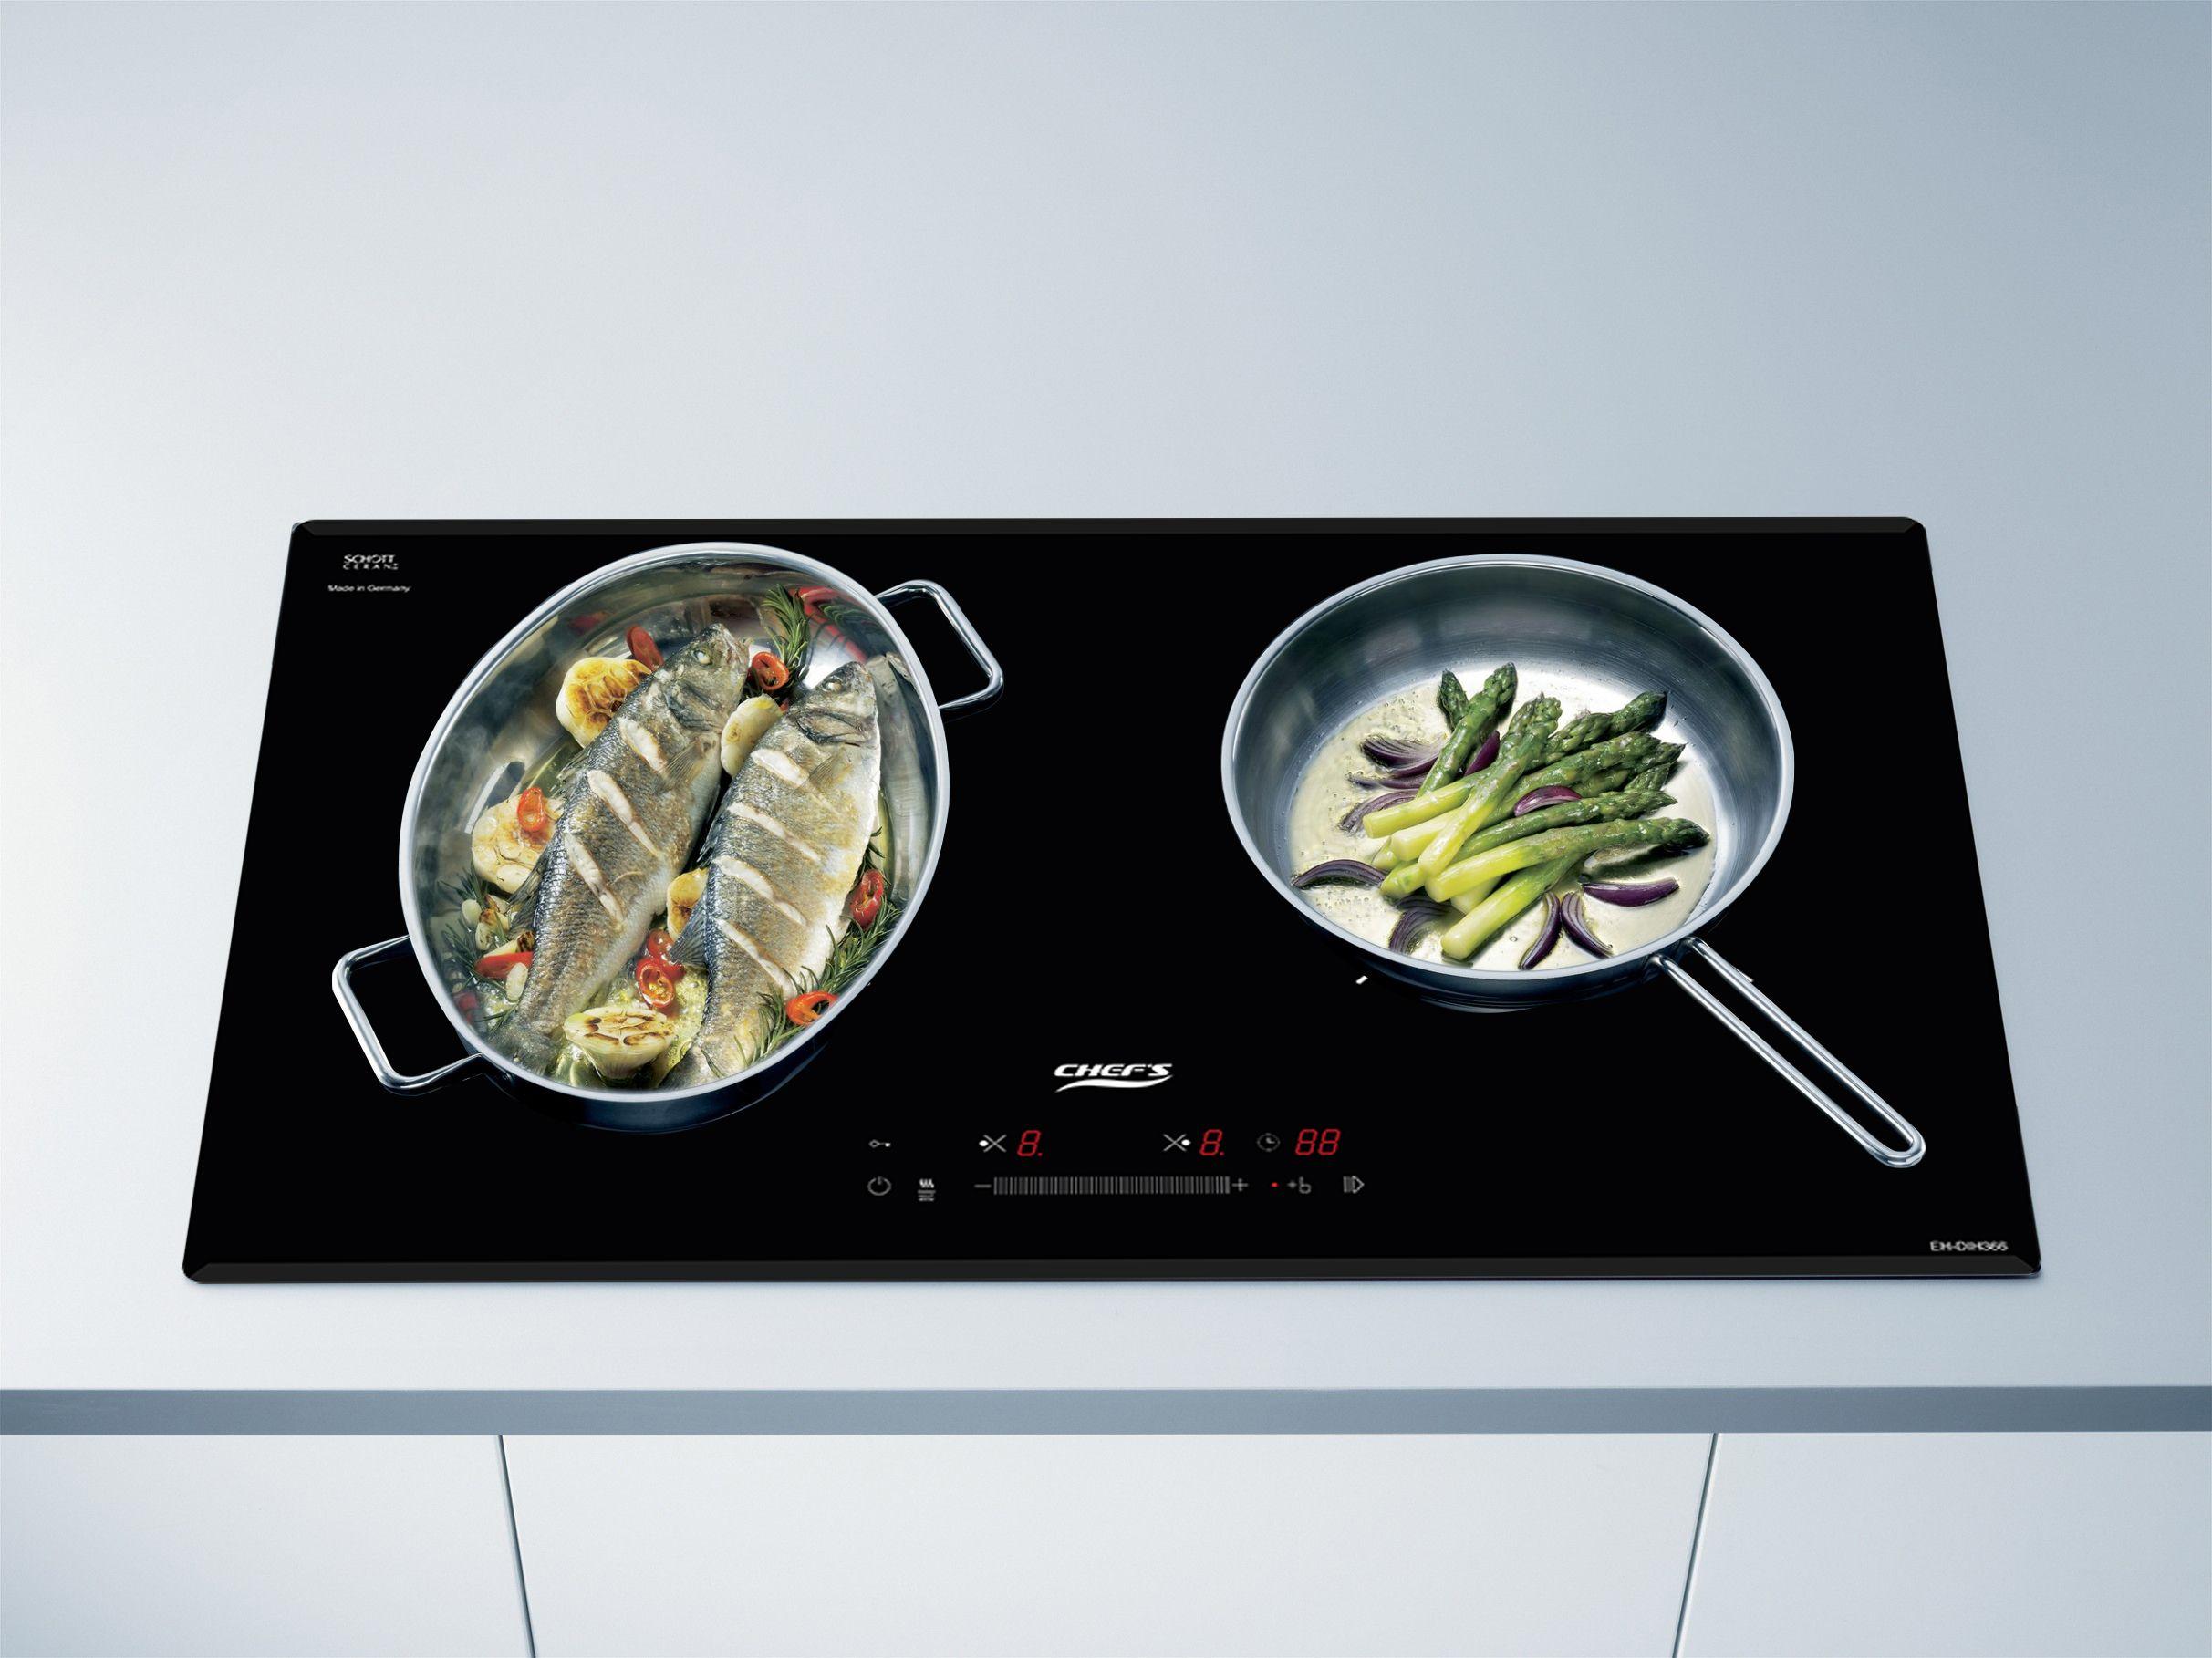 Đánh giá chi tiết bếp từ chefs eh dih366 new